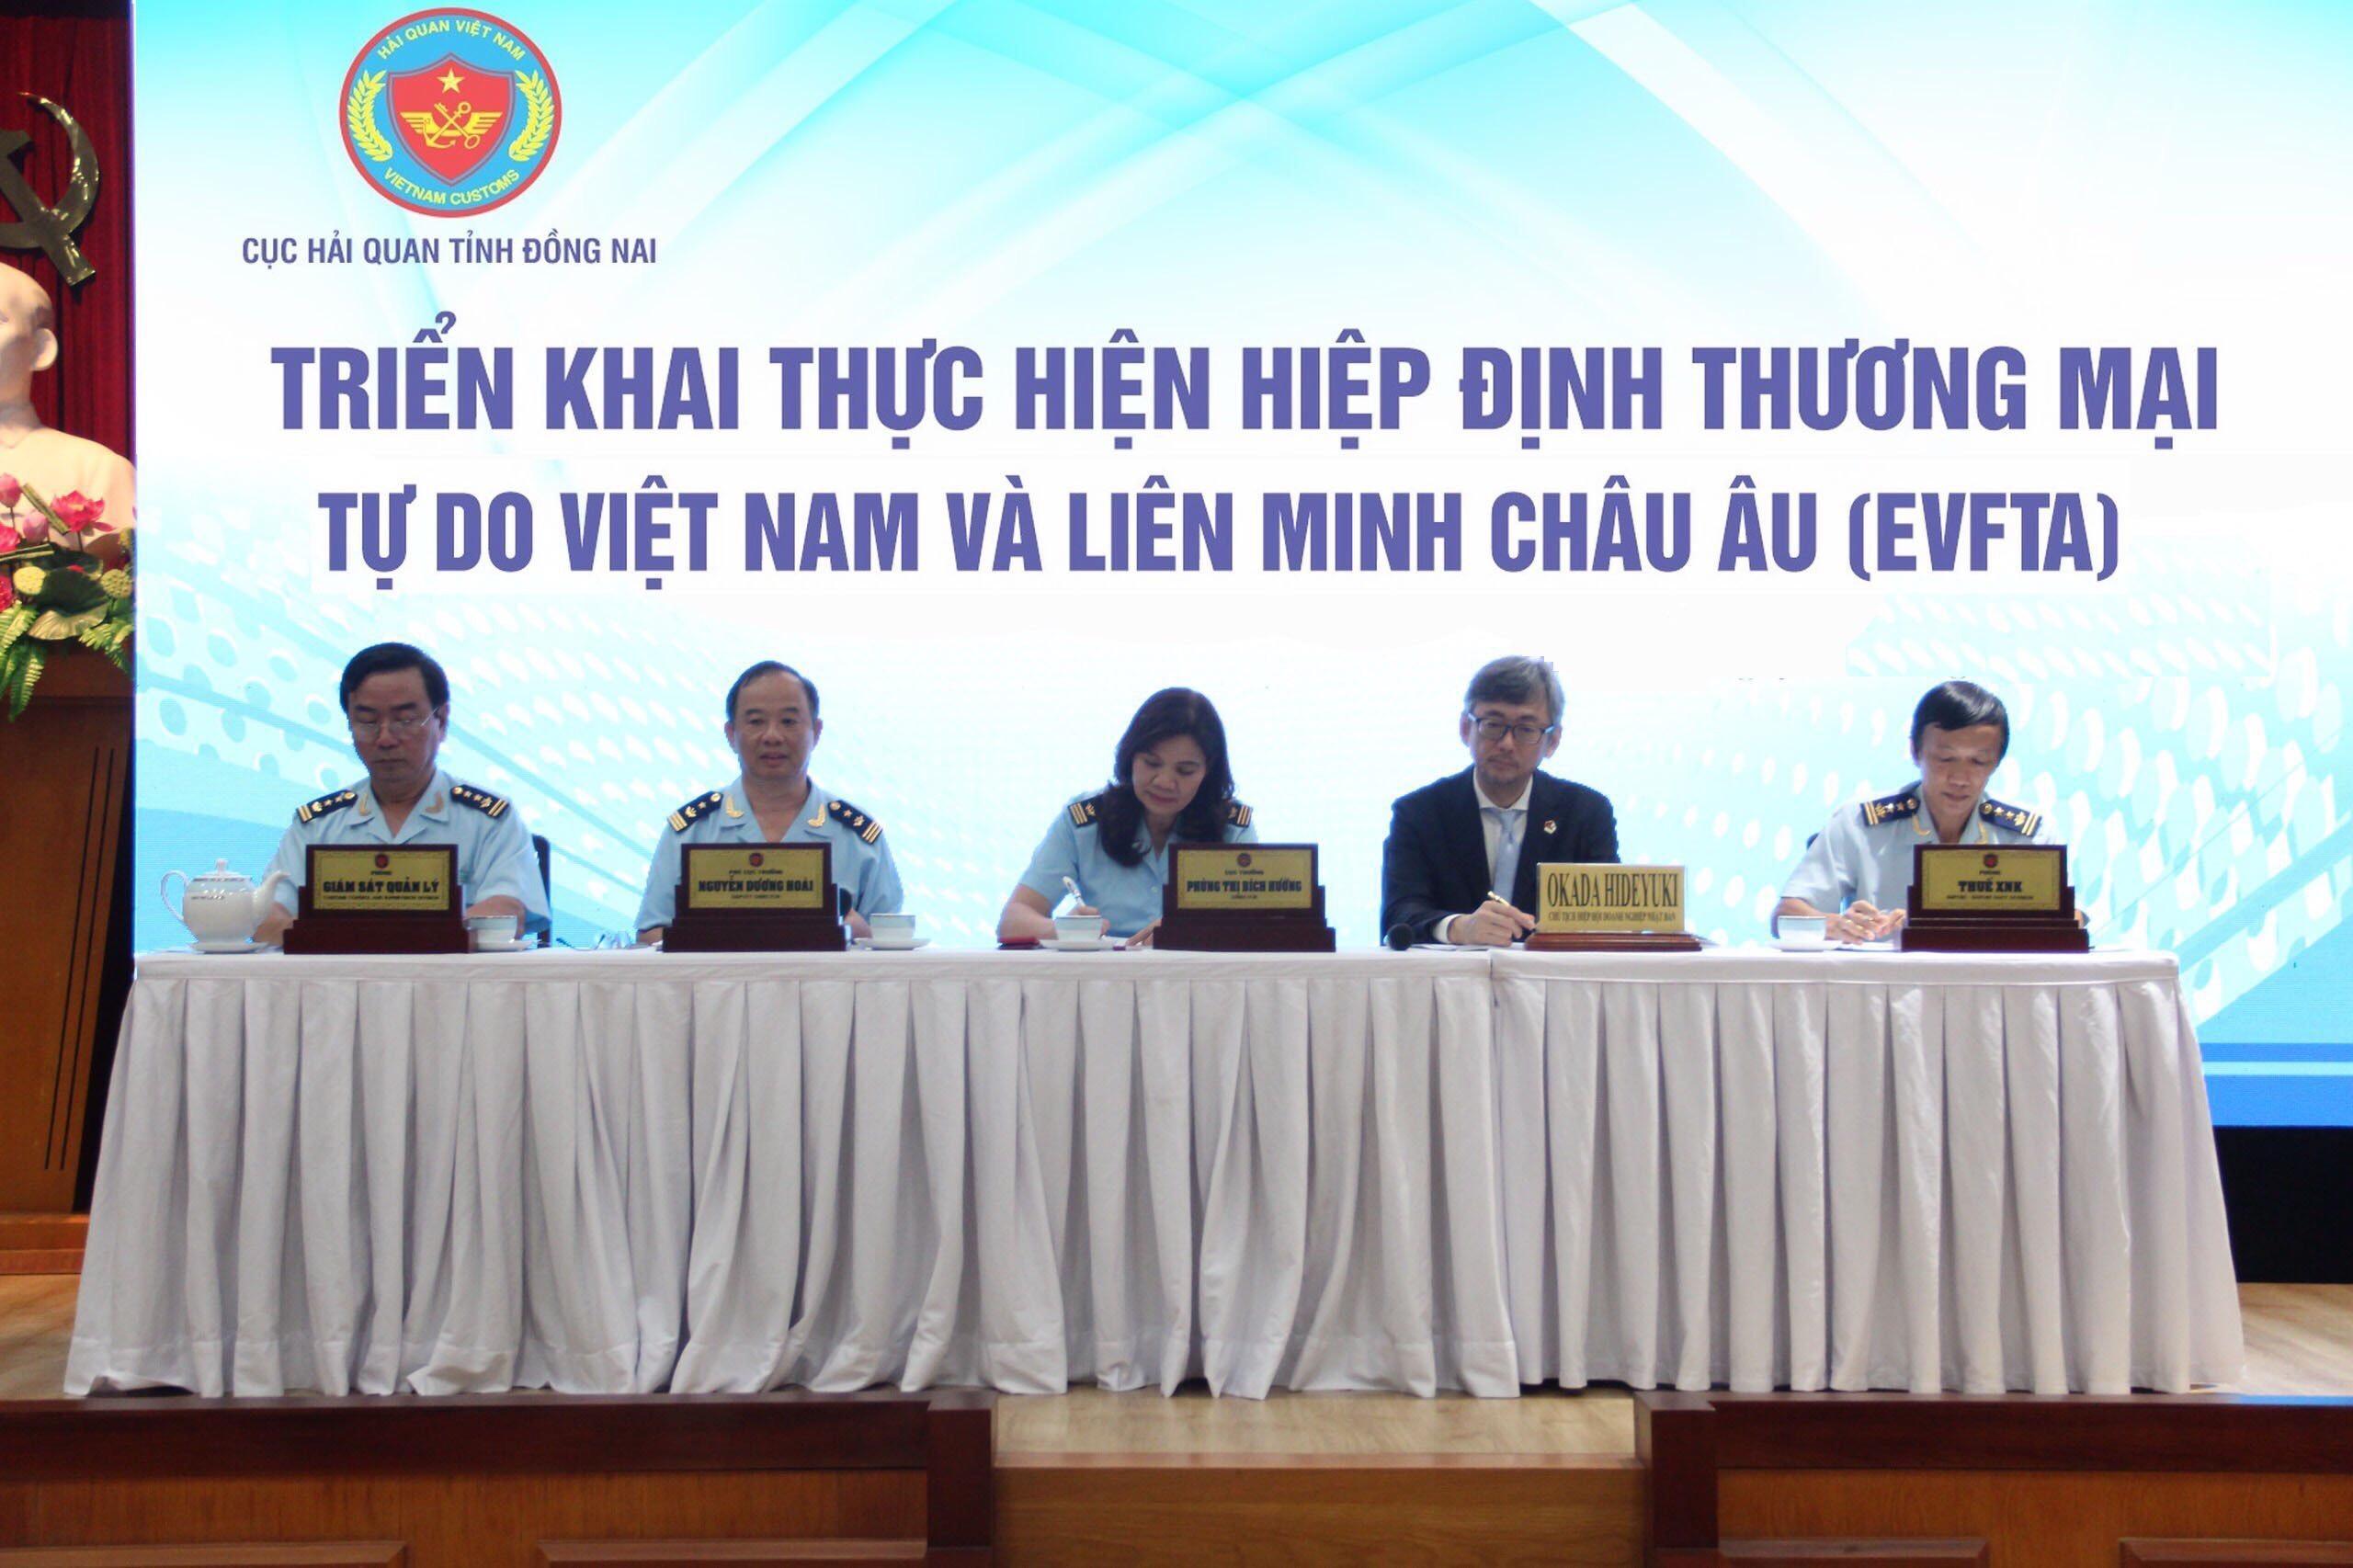 Hải quan Đồng Nai triển khai thực hiện Hiệp định thương mại tự do Việt Nam và Liên minh châu Âu (EVFTA)